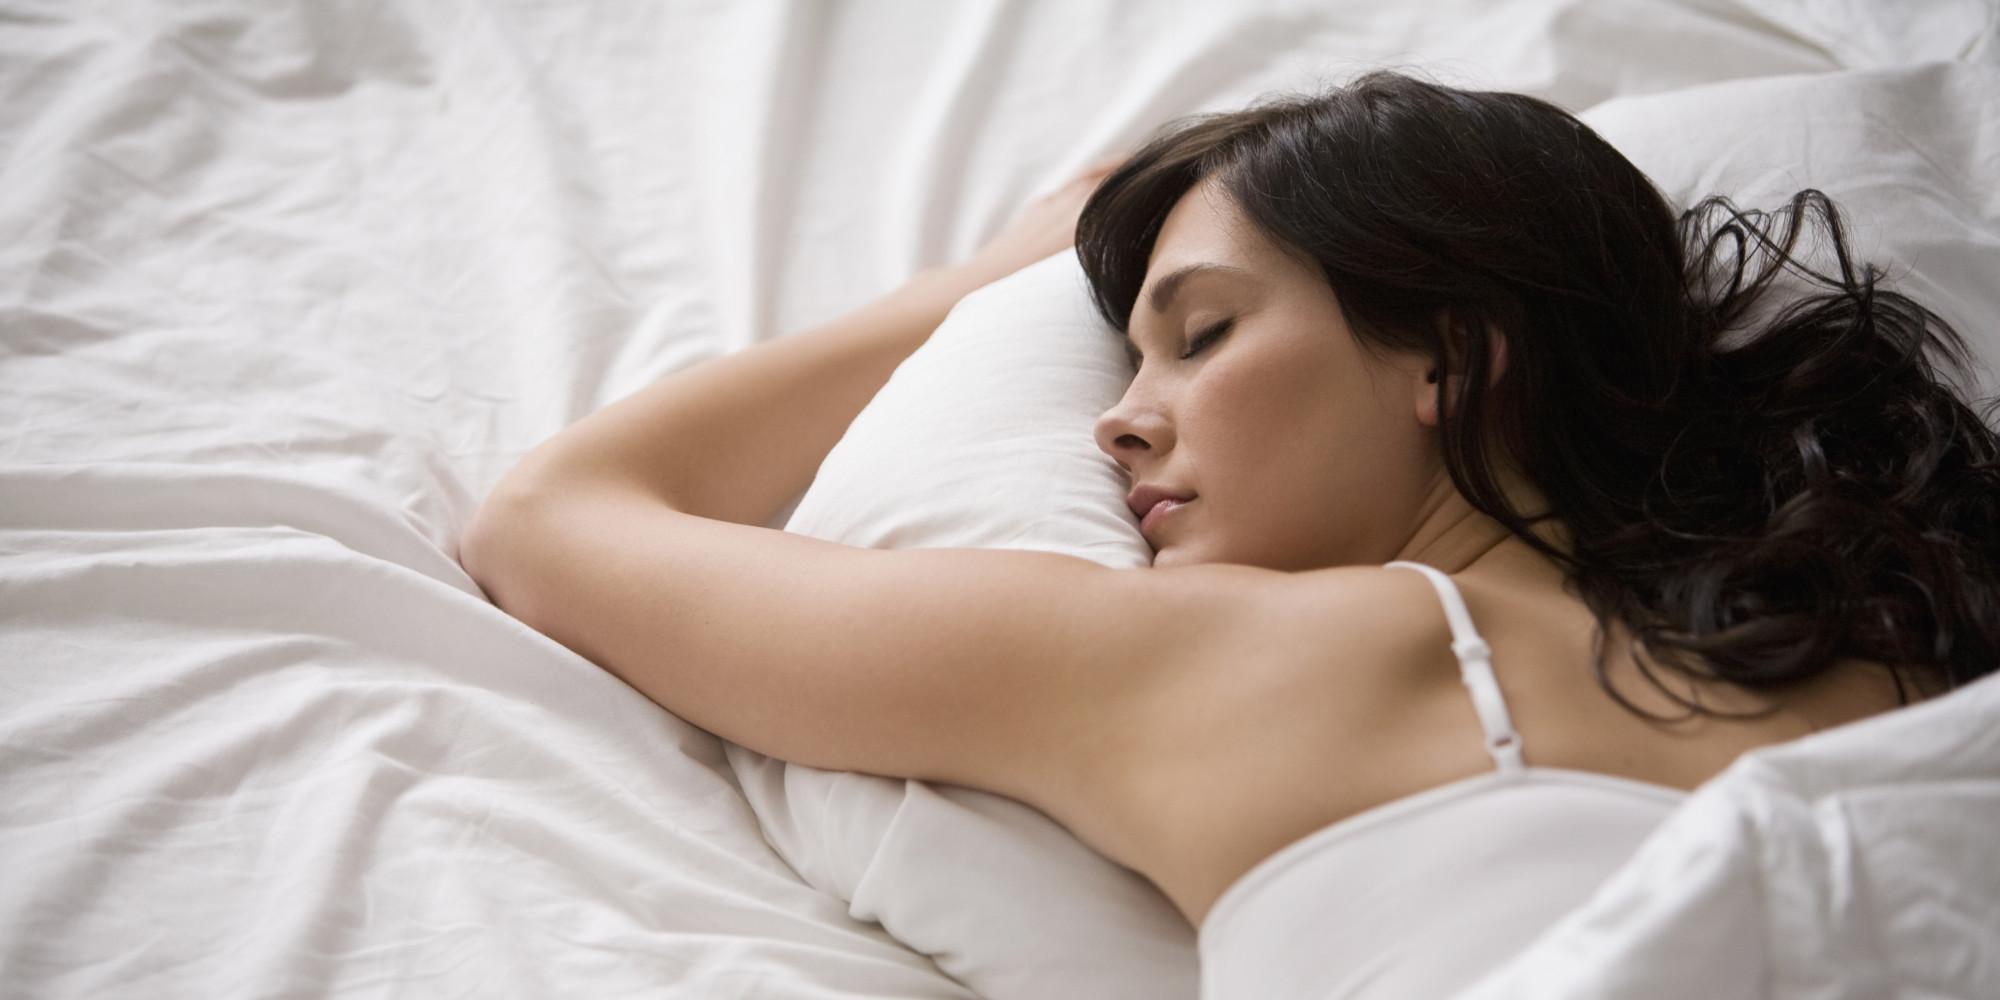 Recomendaciones fáciles para dormir mejor.